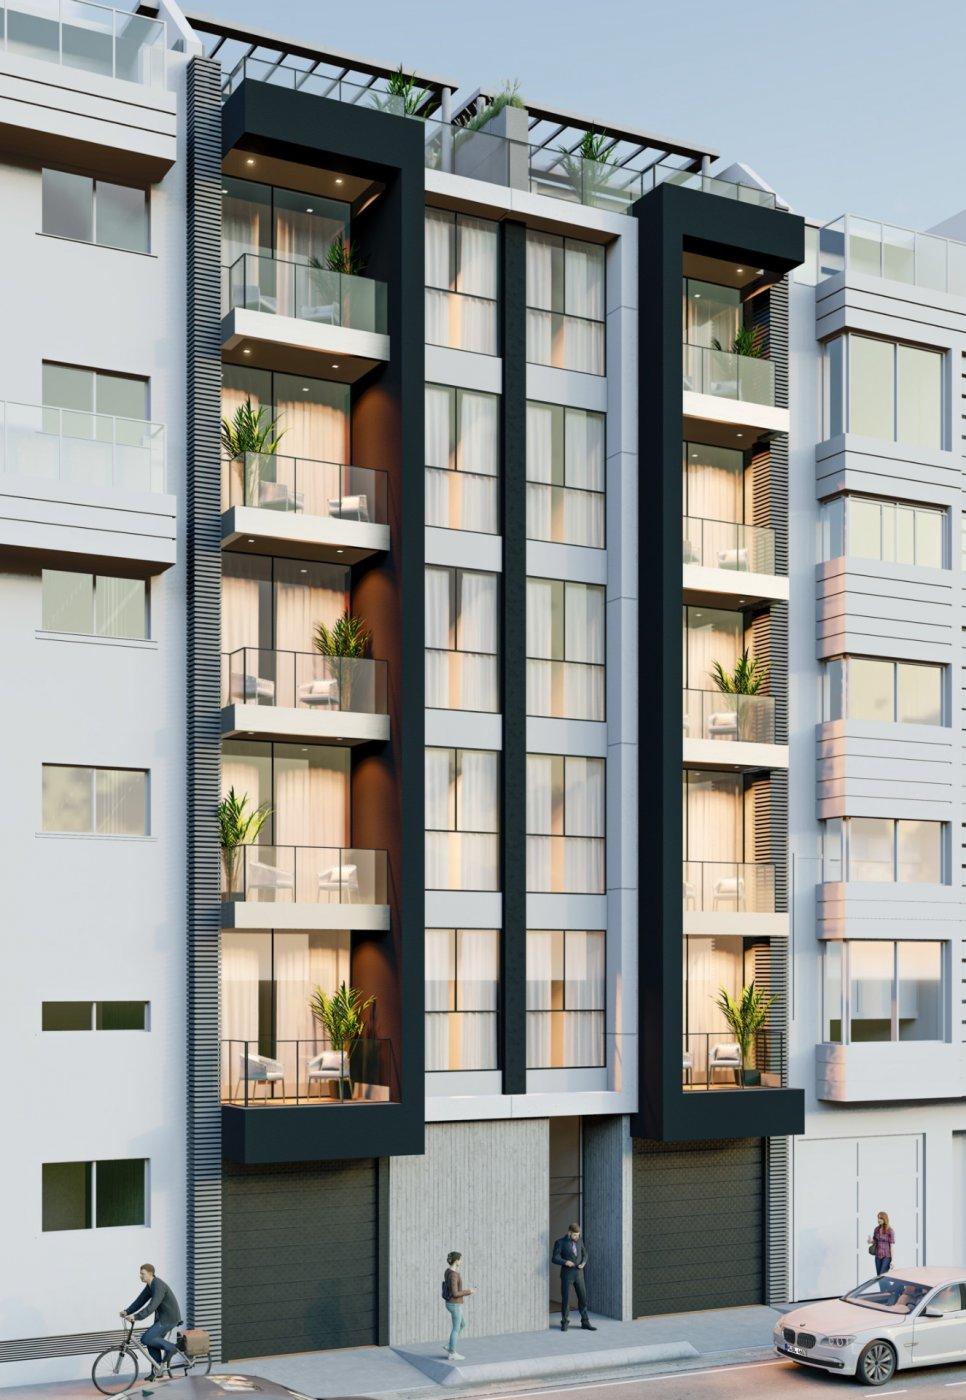 atico-duplex en valencia · torrefiel 252500€